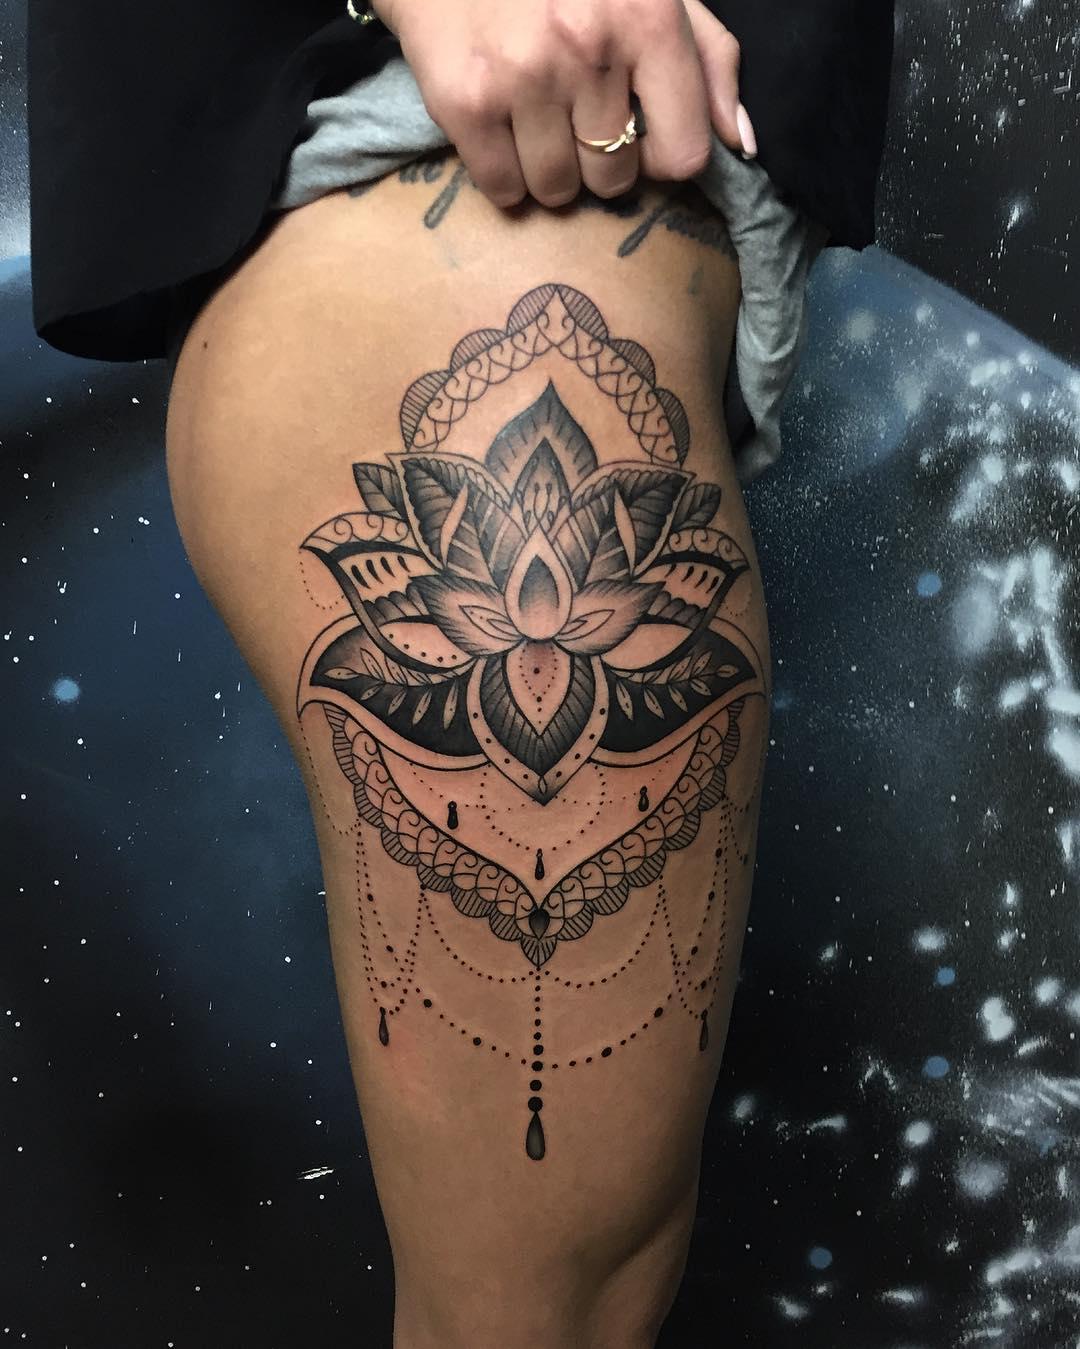 艾小姐大腿莲花纹身图案